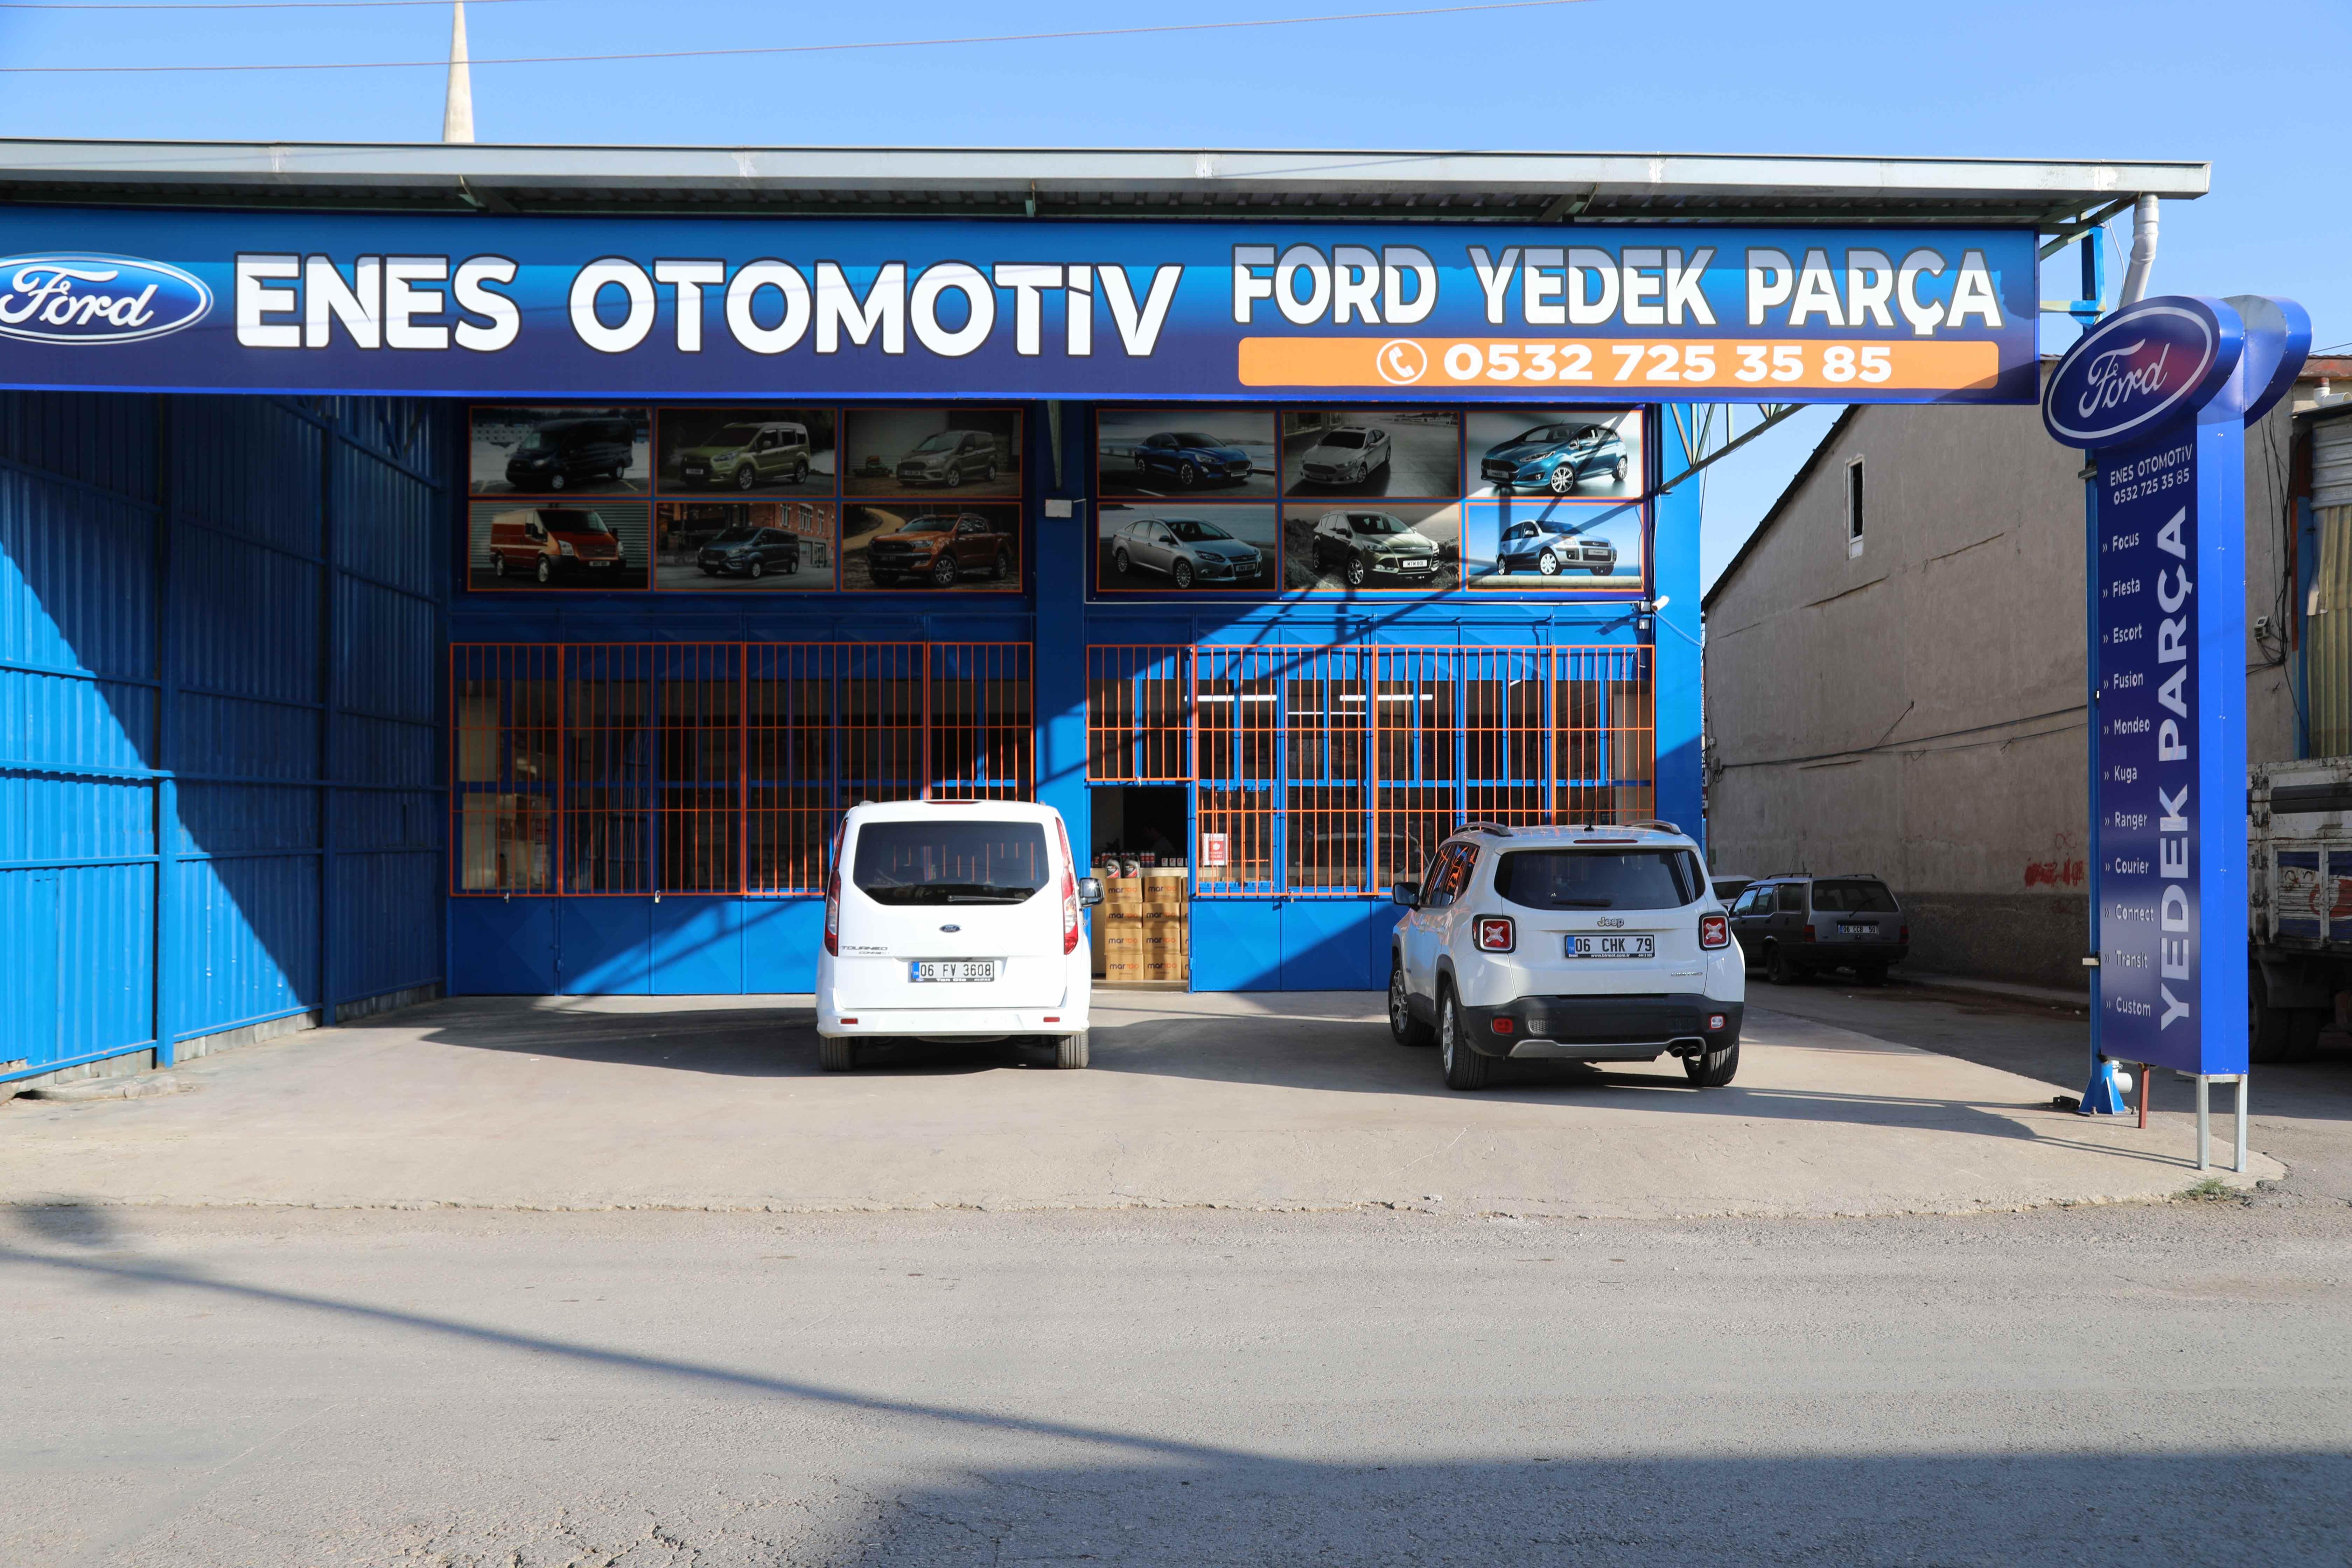 Ford Yedek - Parça Enes Otomotiv Açıldı